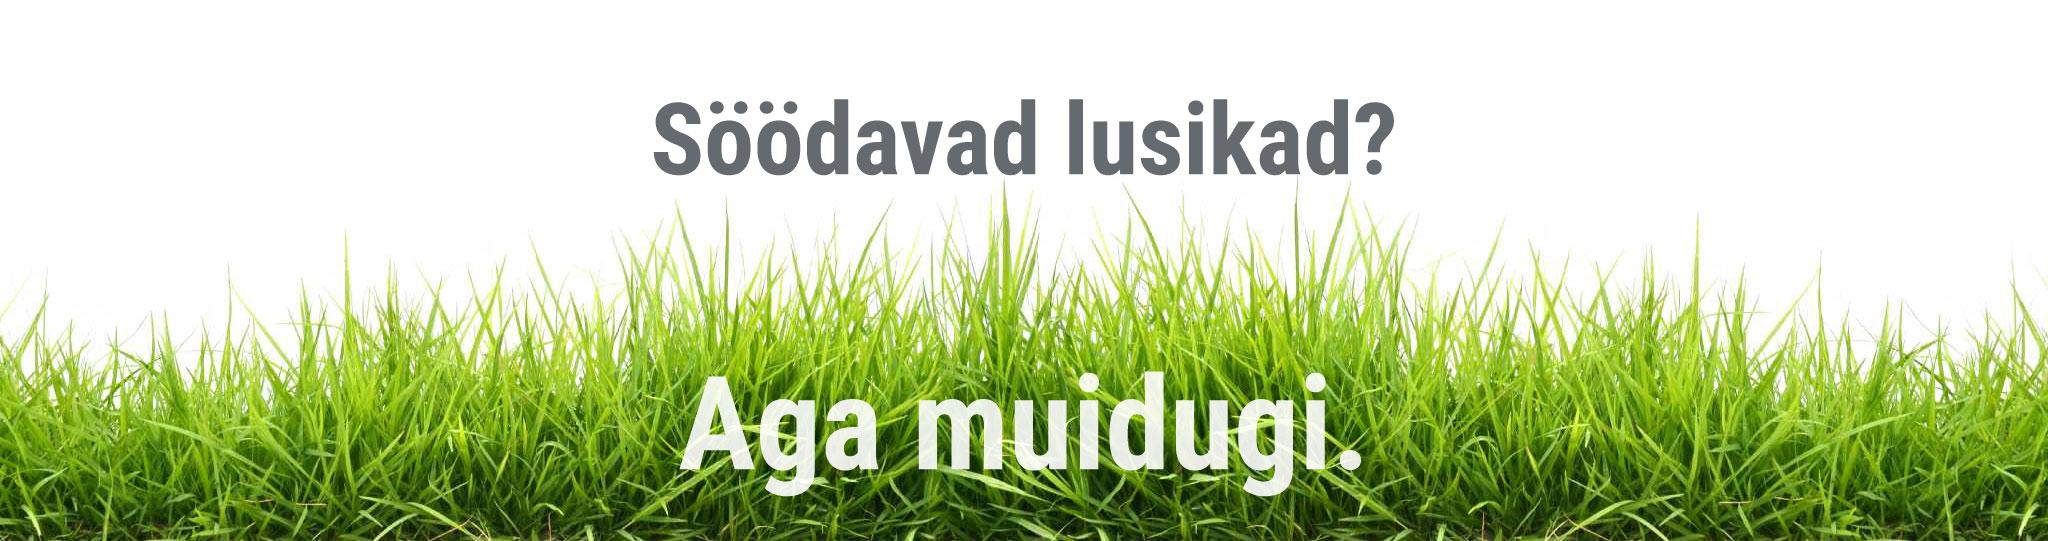 murumunad2